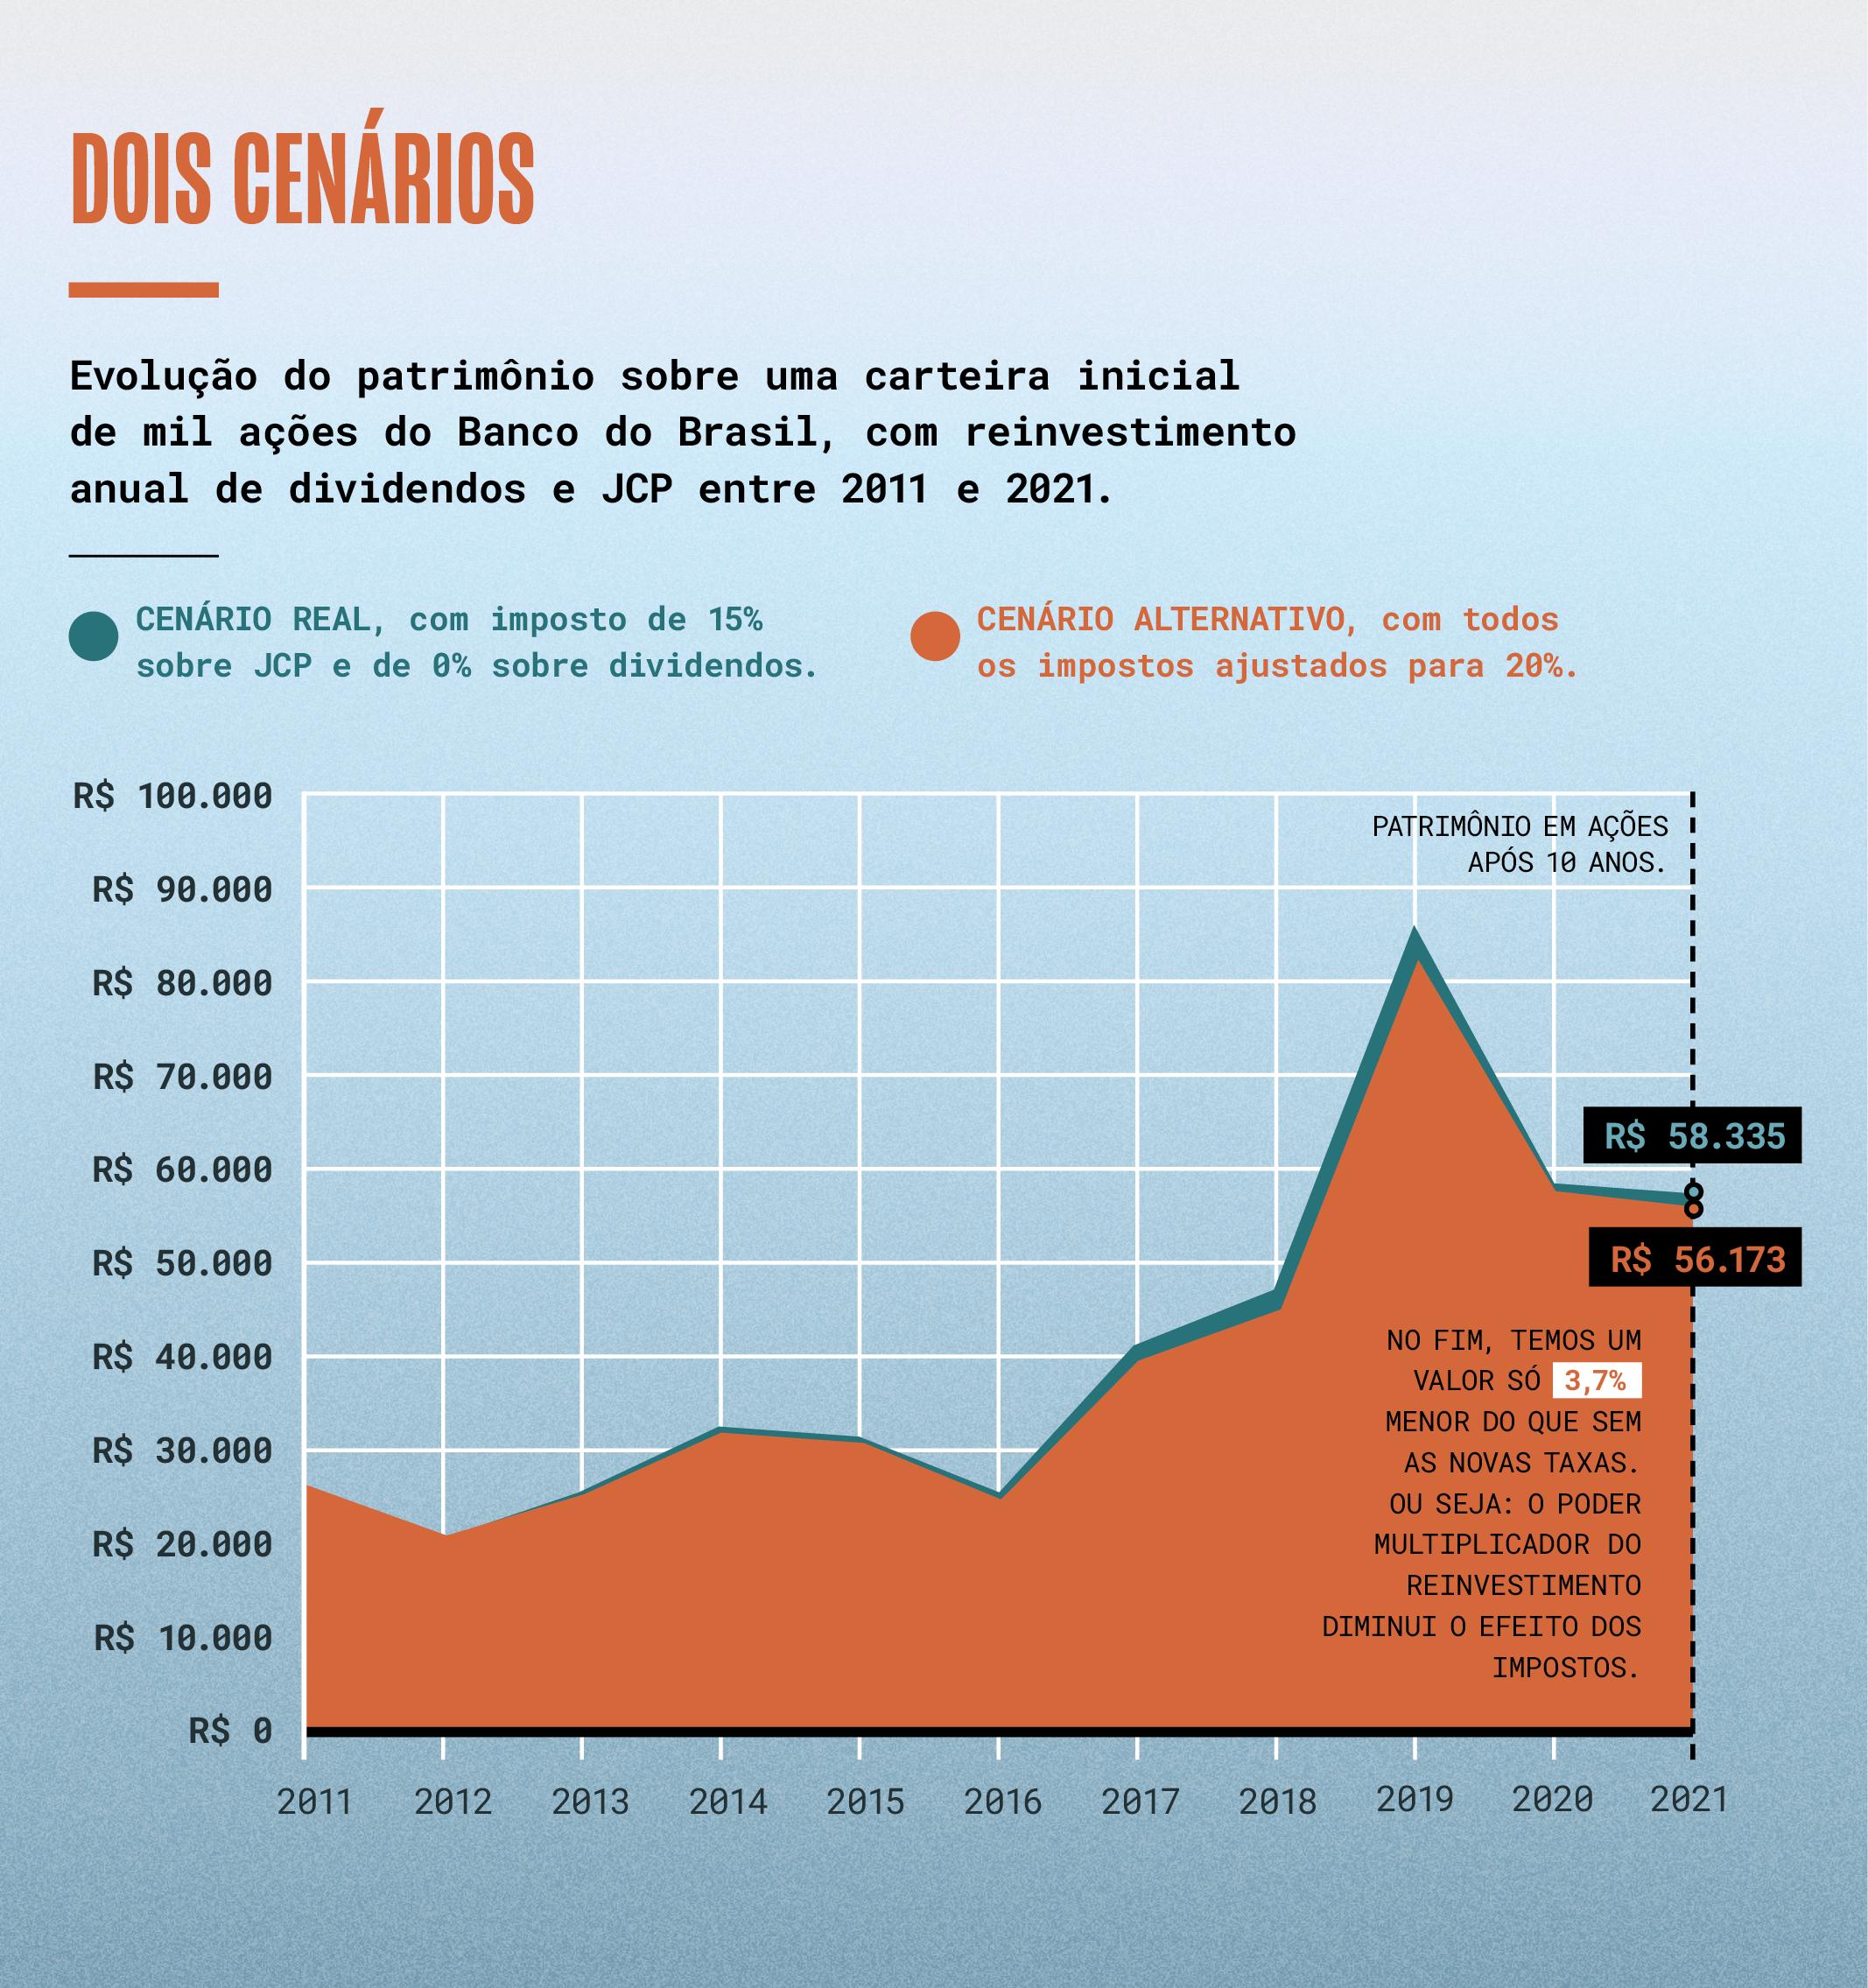 Gráfico mostrando que a perda pode ser inferior a 4%, mesmo com um imposto de 20%